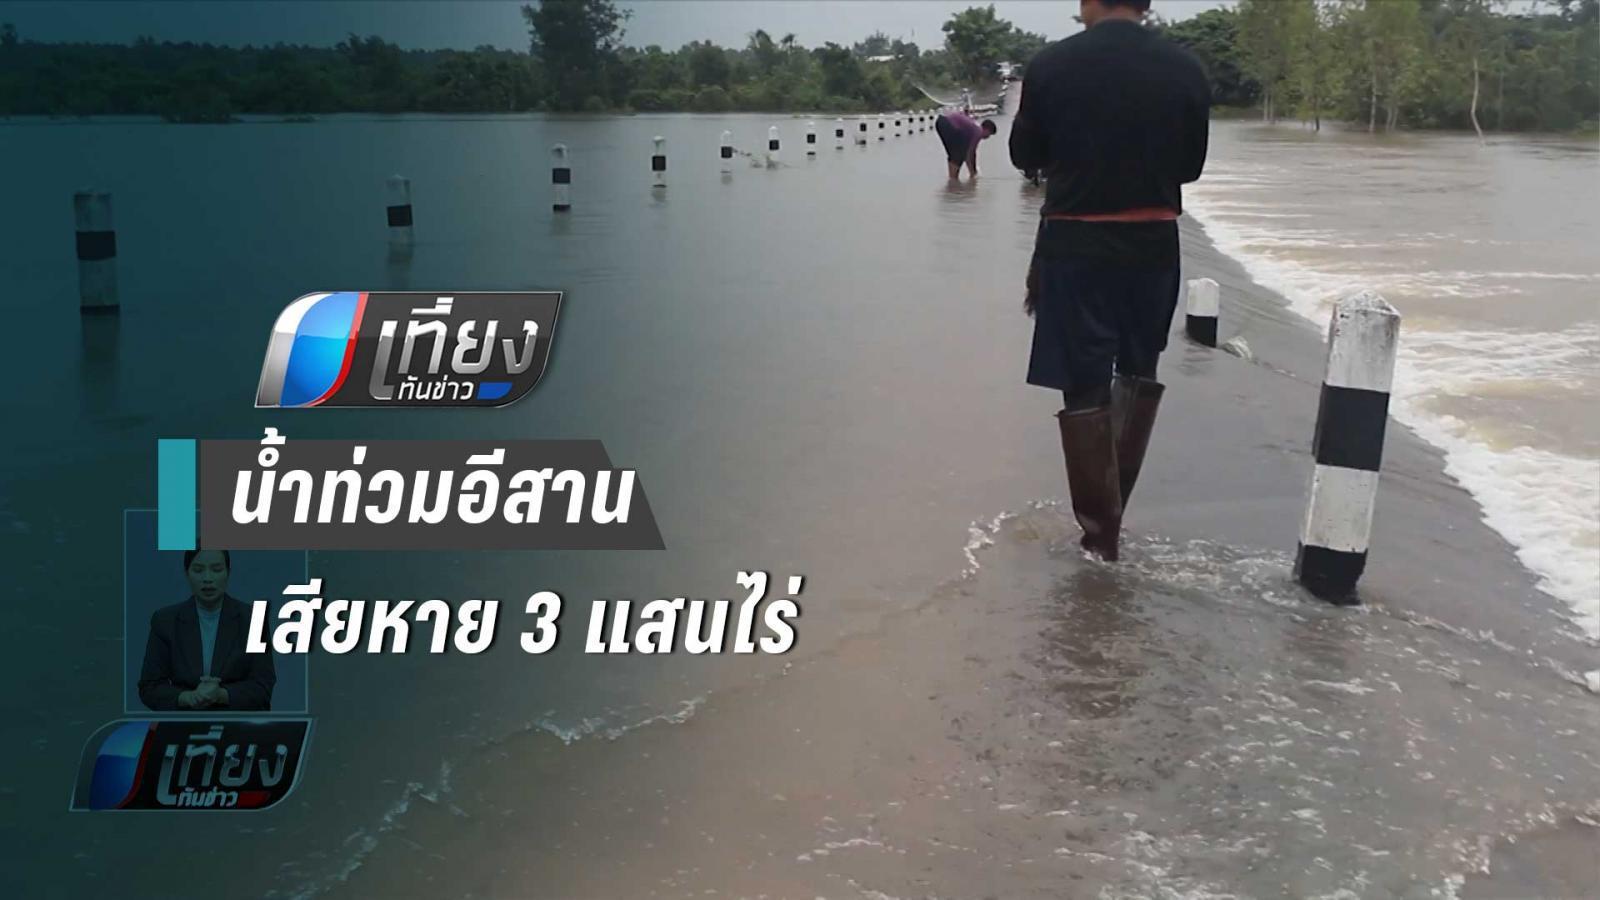 เผยภาพดาวเทียม น้ำท่วมอีสานเสียหาย 300,000 ไร่